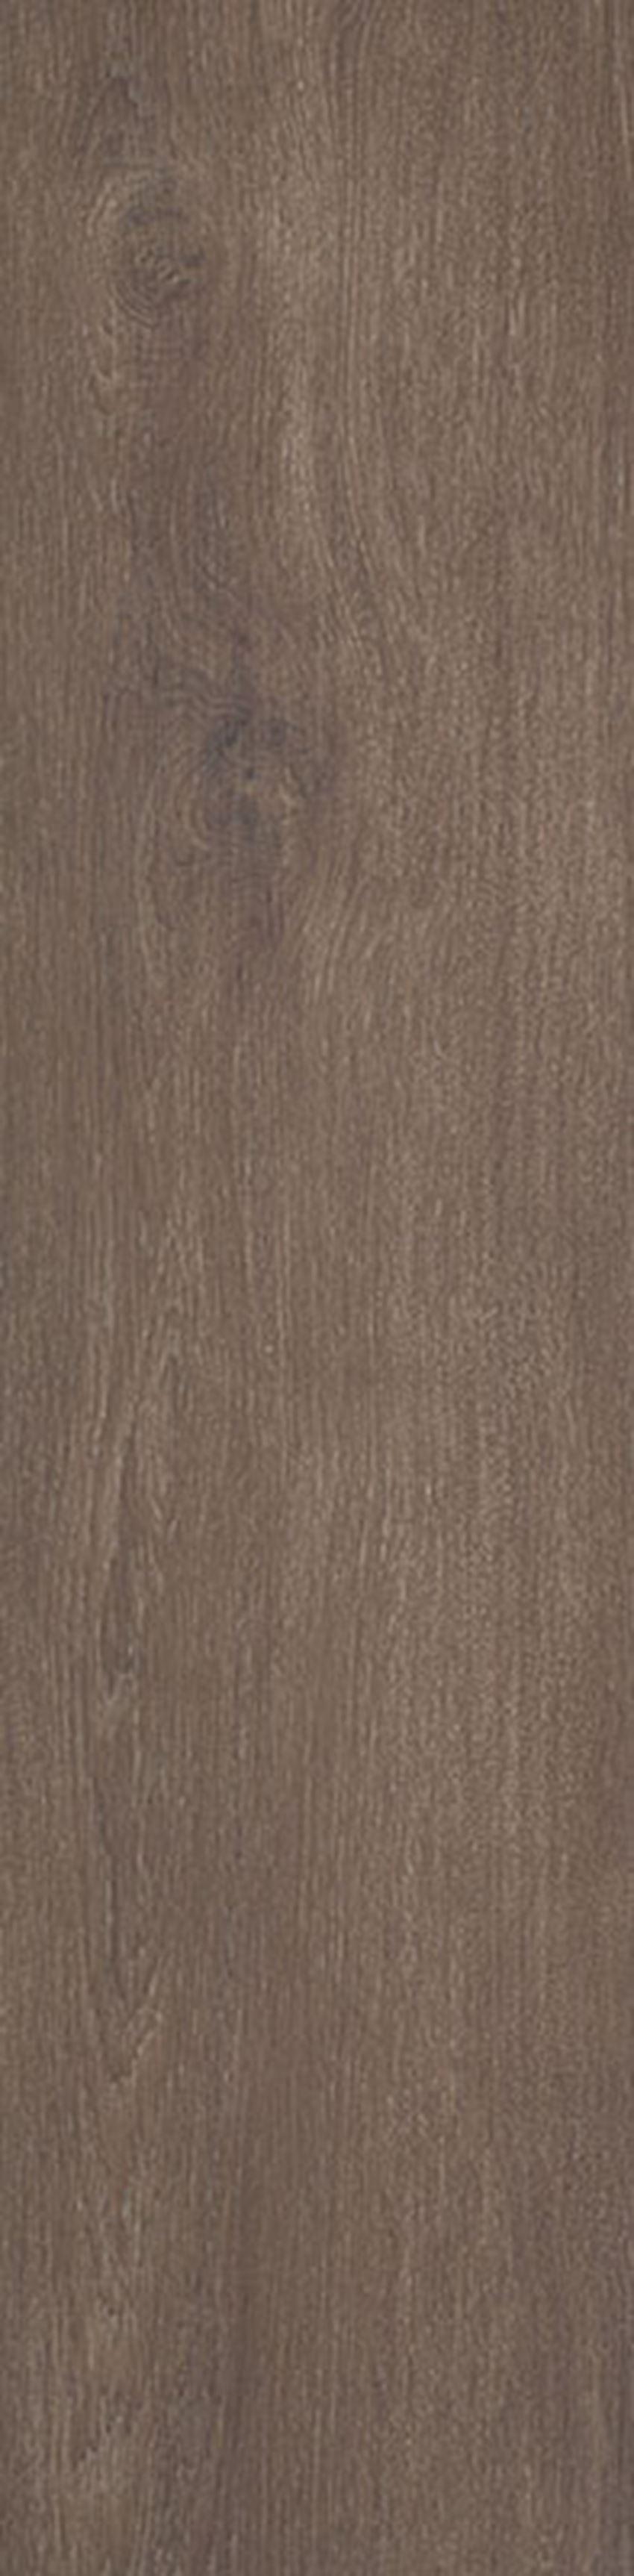 Płytka ścienno-podłogowa 29,5x119,5 cm Paradyż Willow Ochra Płyta Tarasowa 2.0